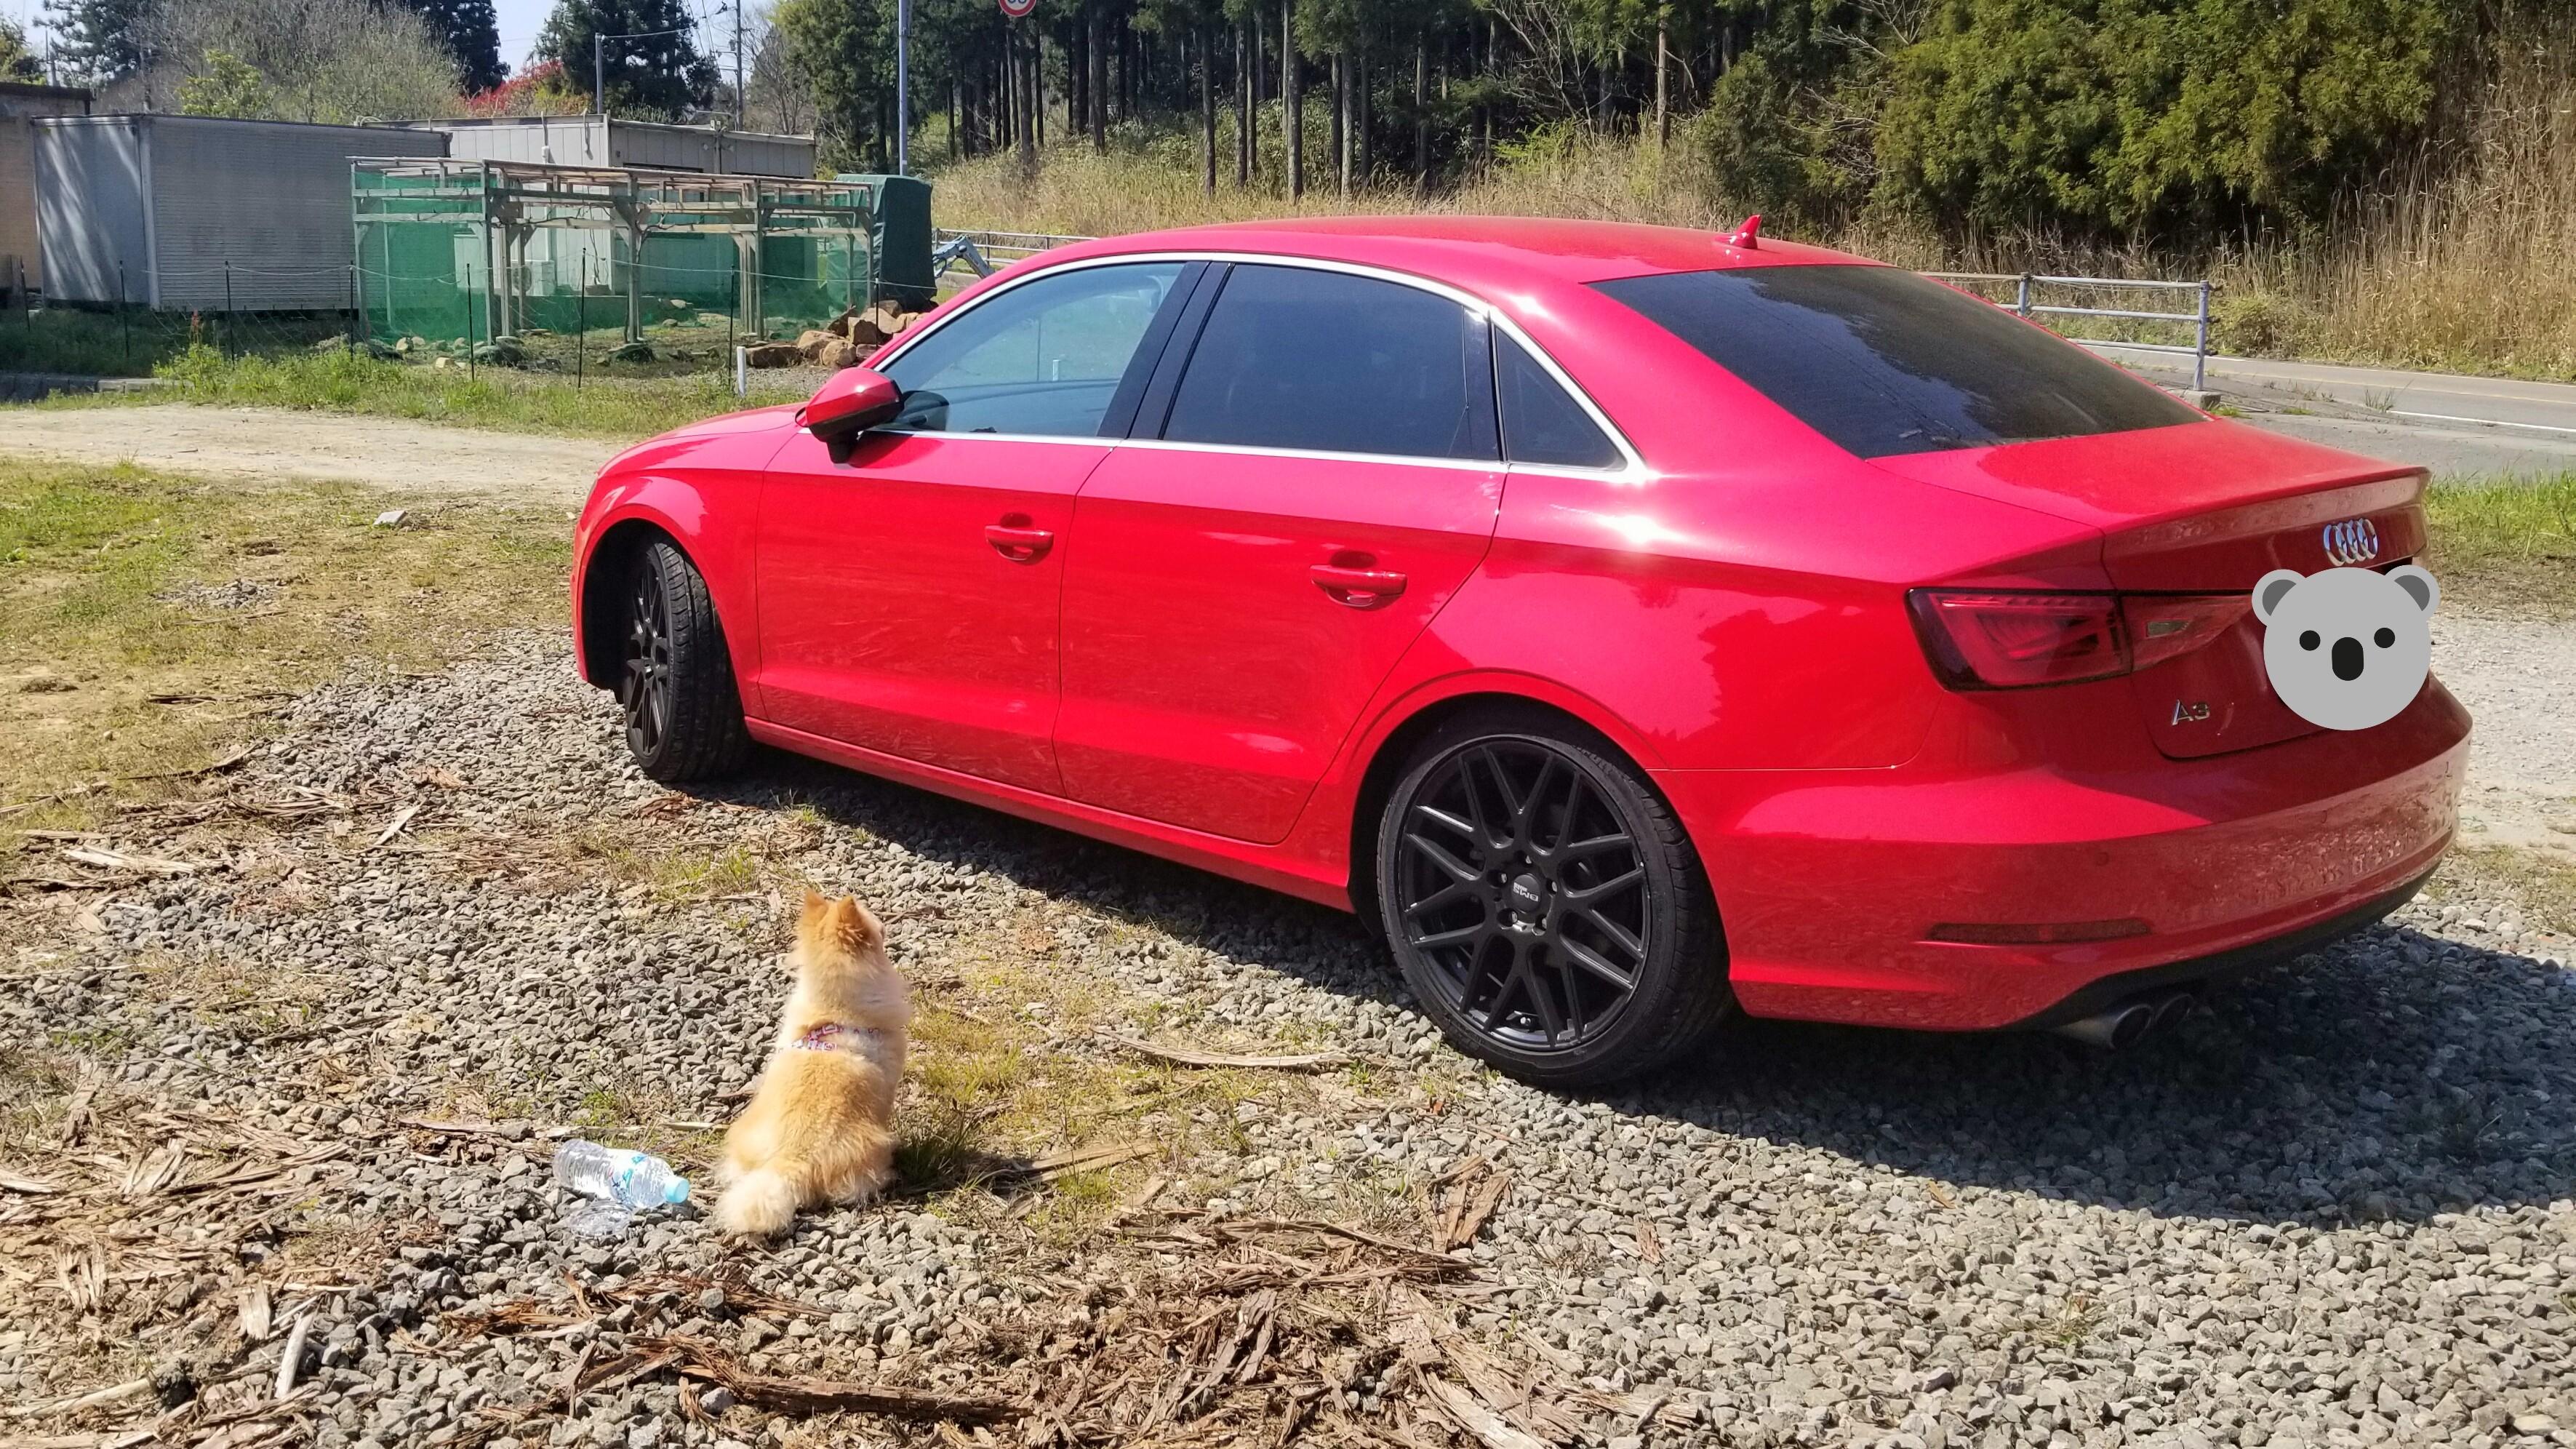 愛車小型犬大好きBMW赤いぬいぐるみ人気画像写真好きかっこいい